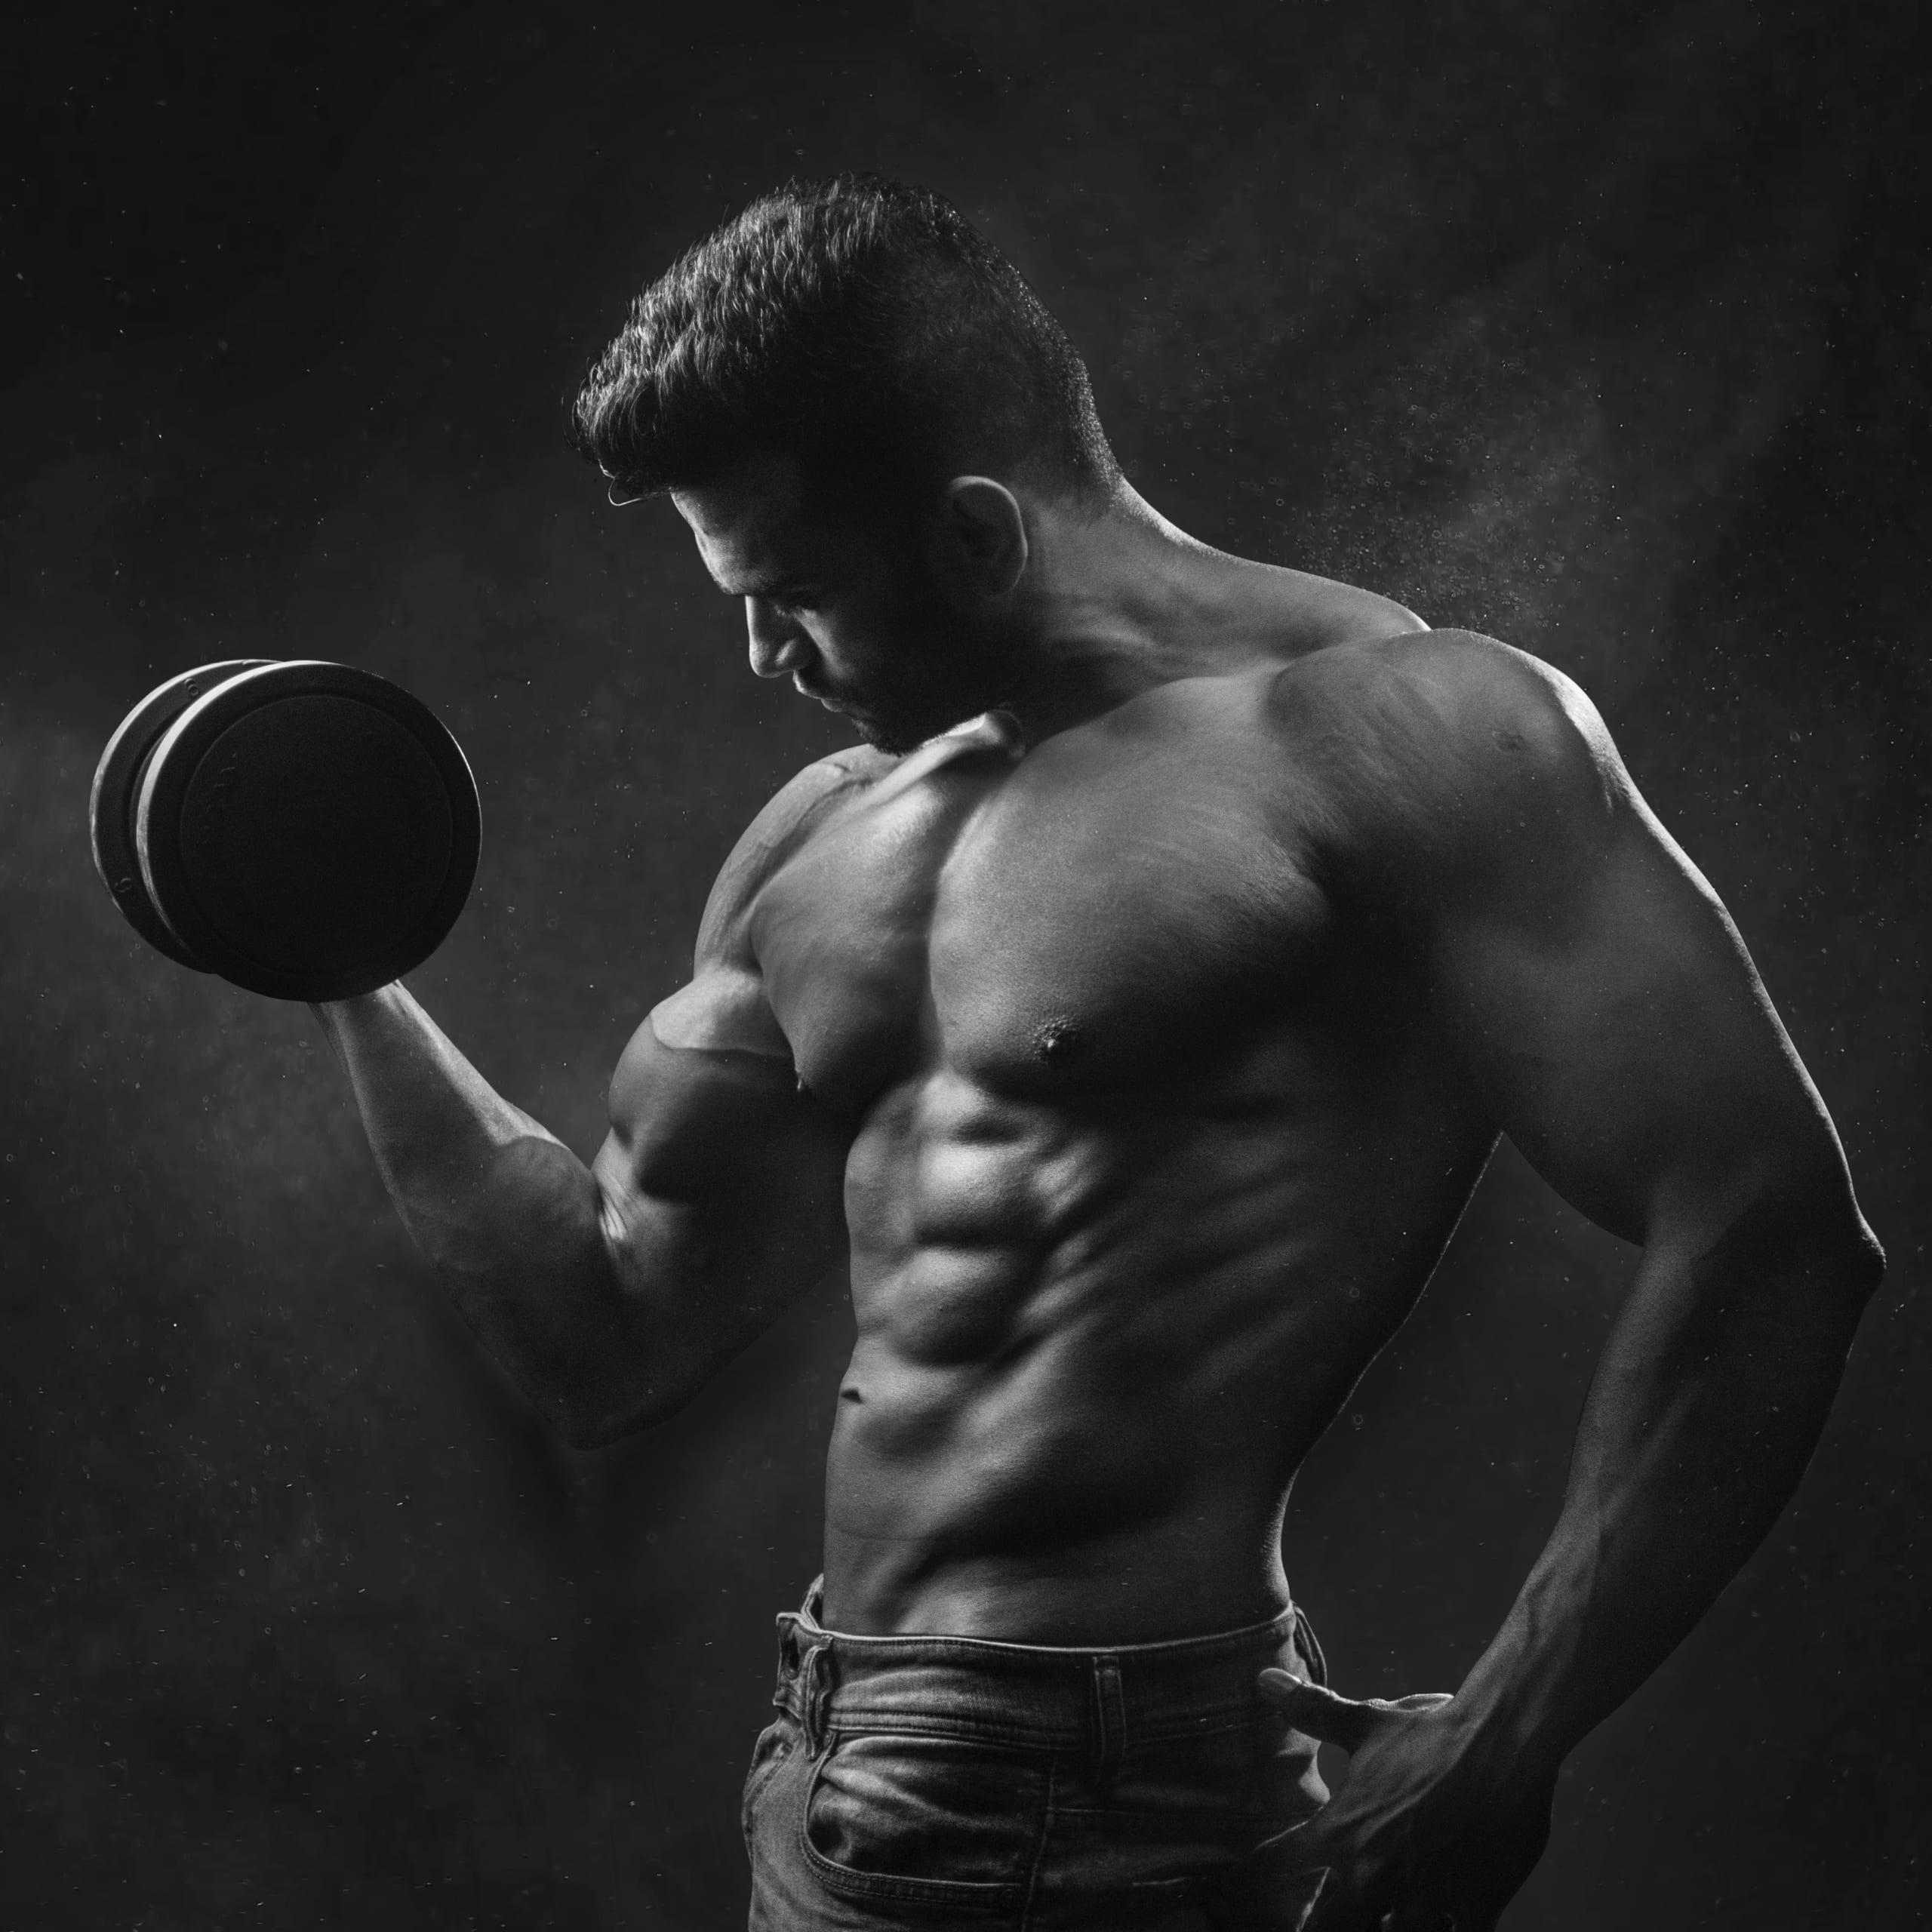 「男の強さ」はコレステロールのバランスで決まっていた!